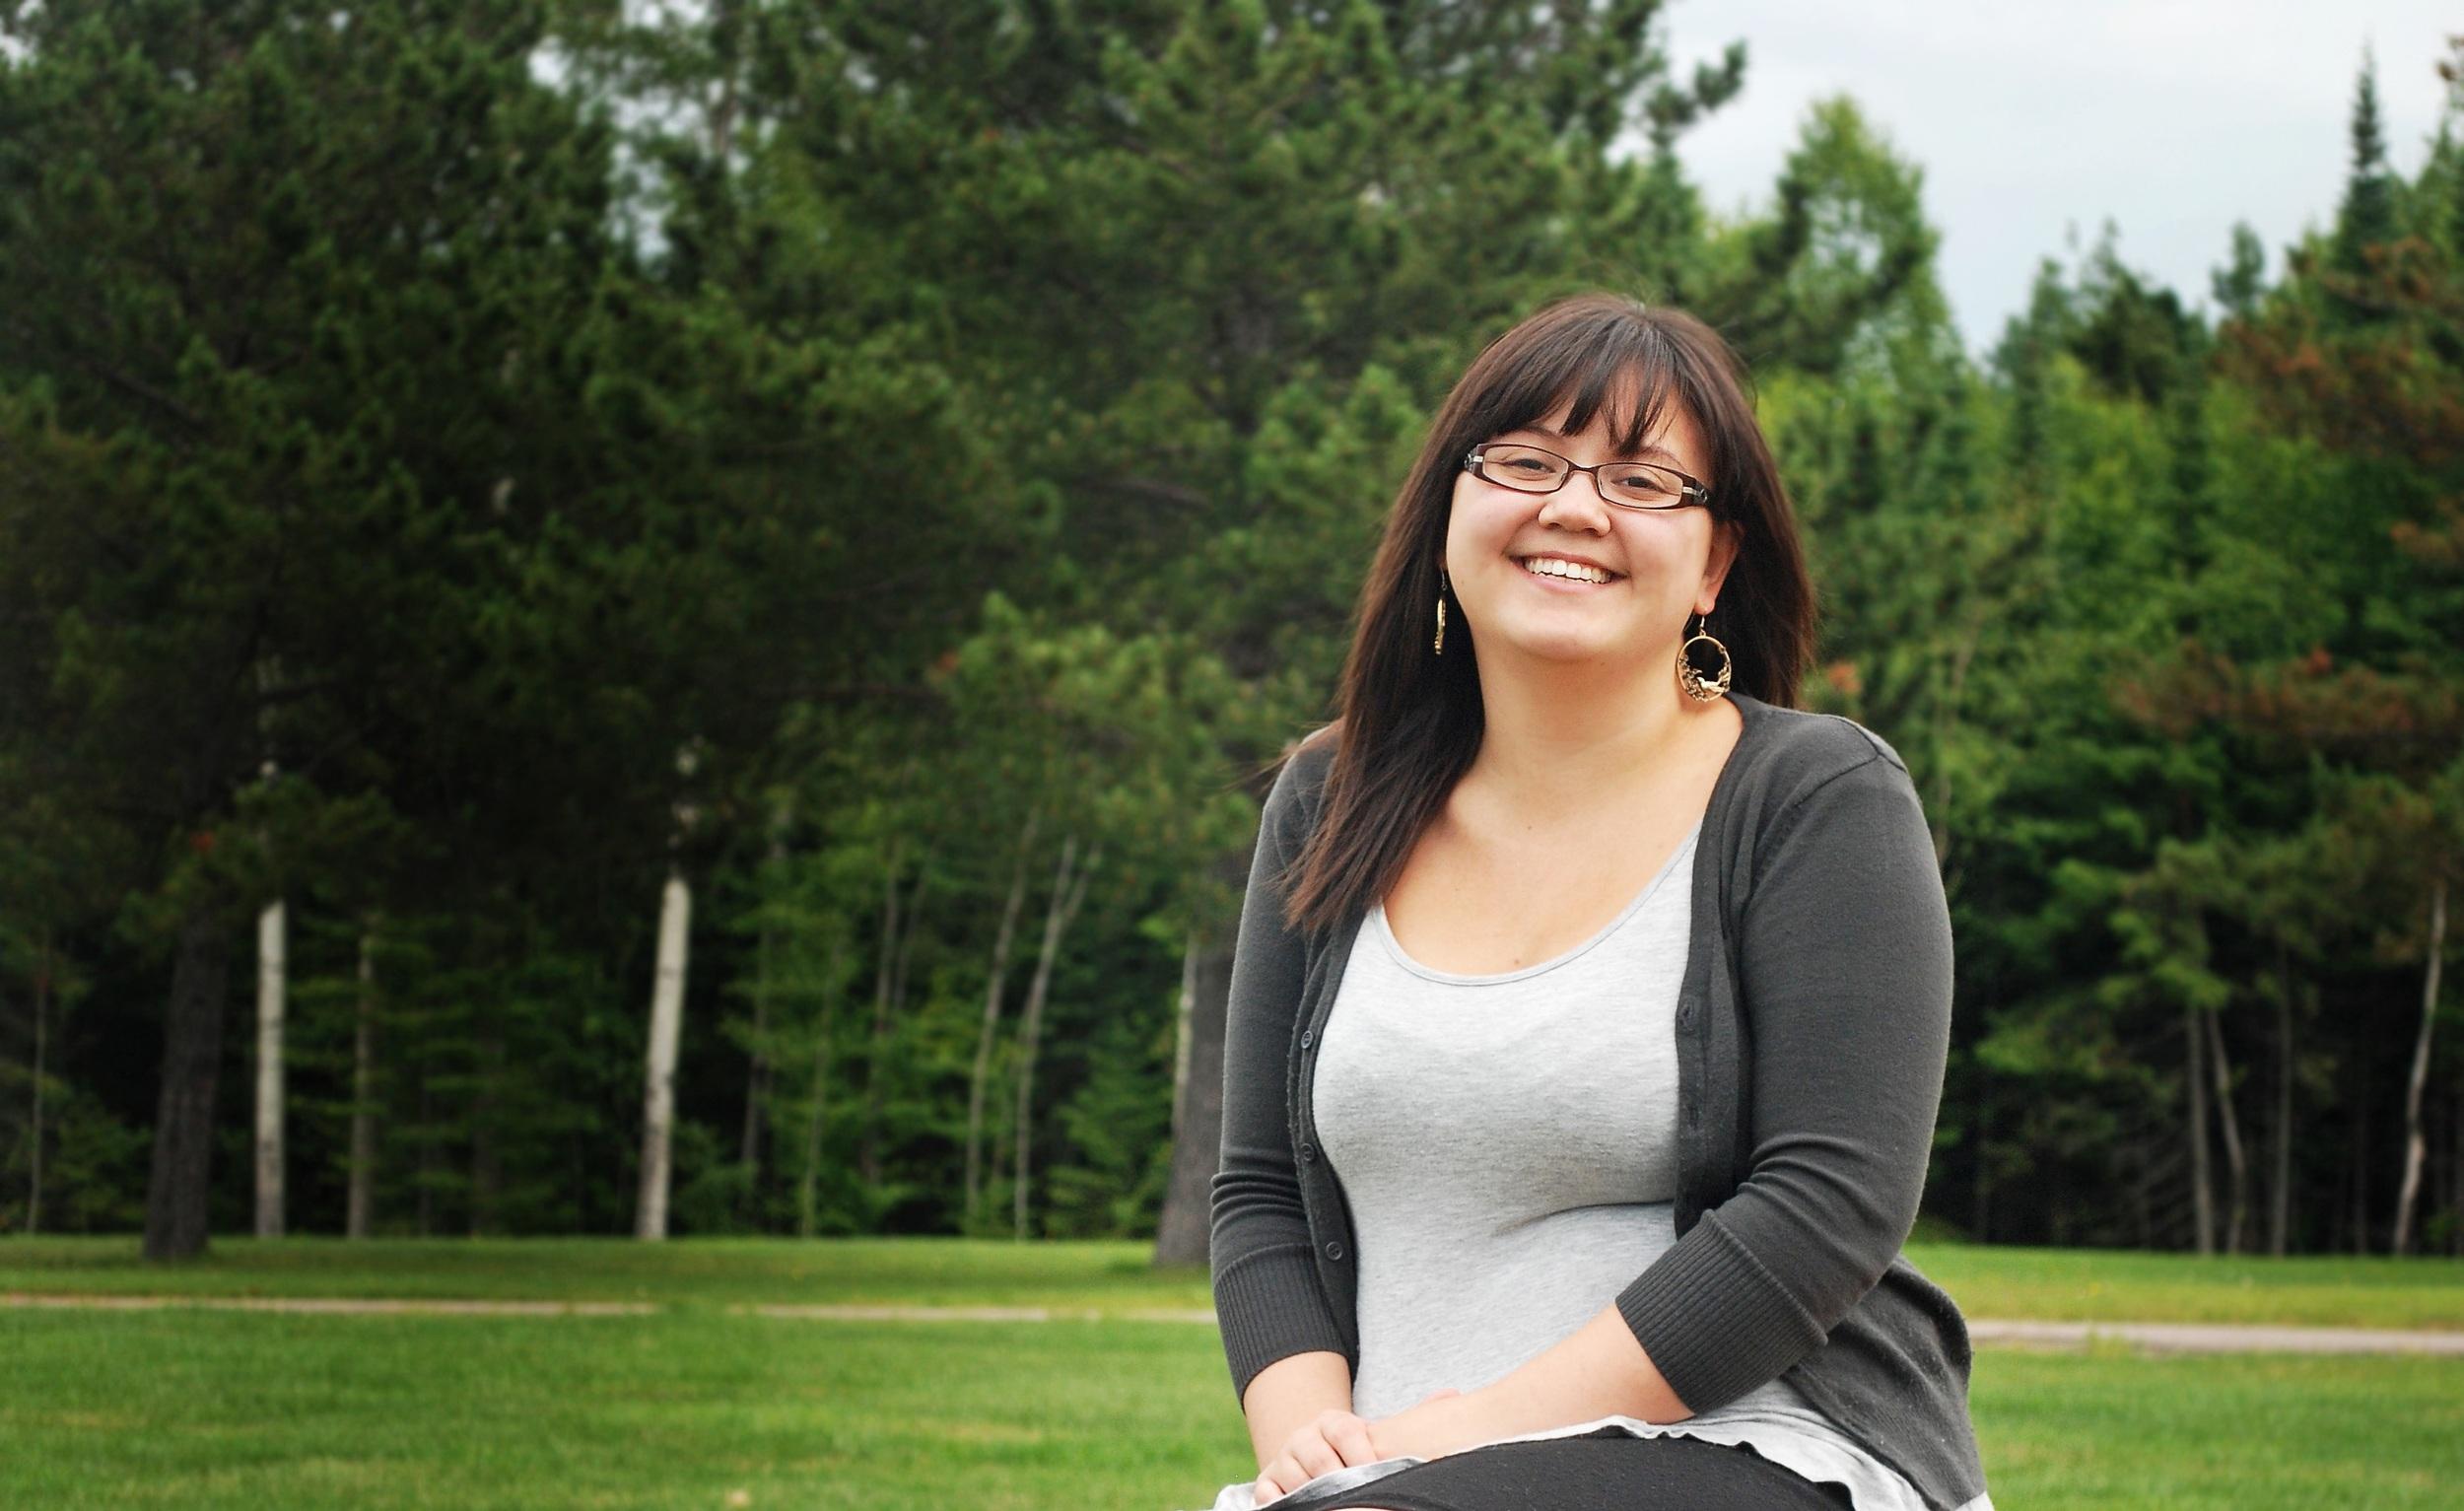 Carole Lem, Research Assistant